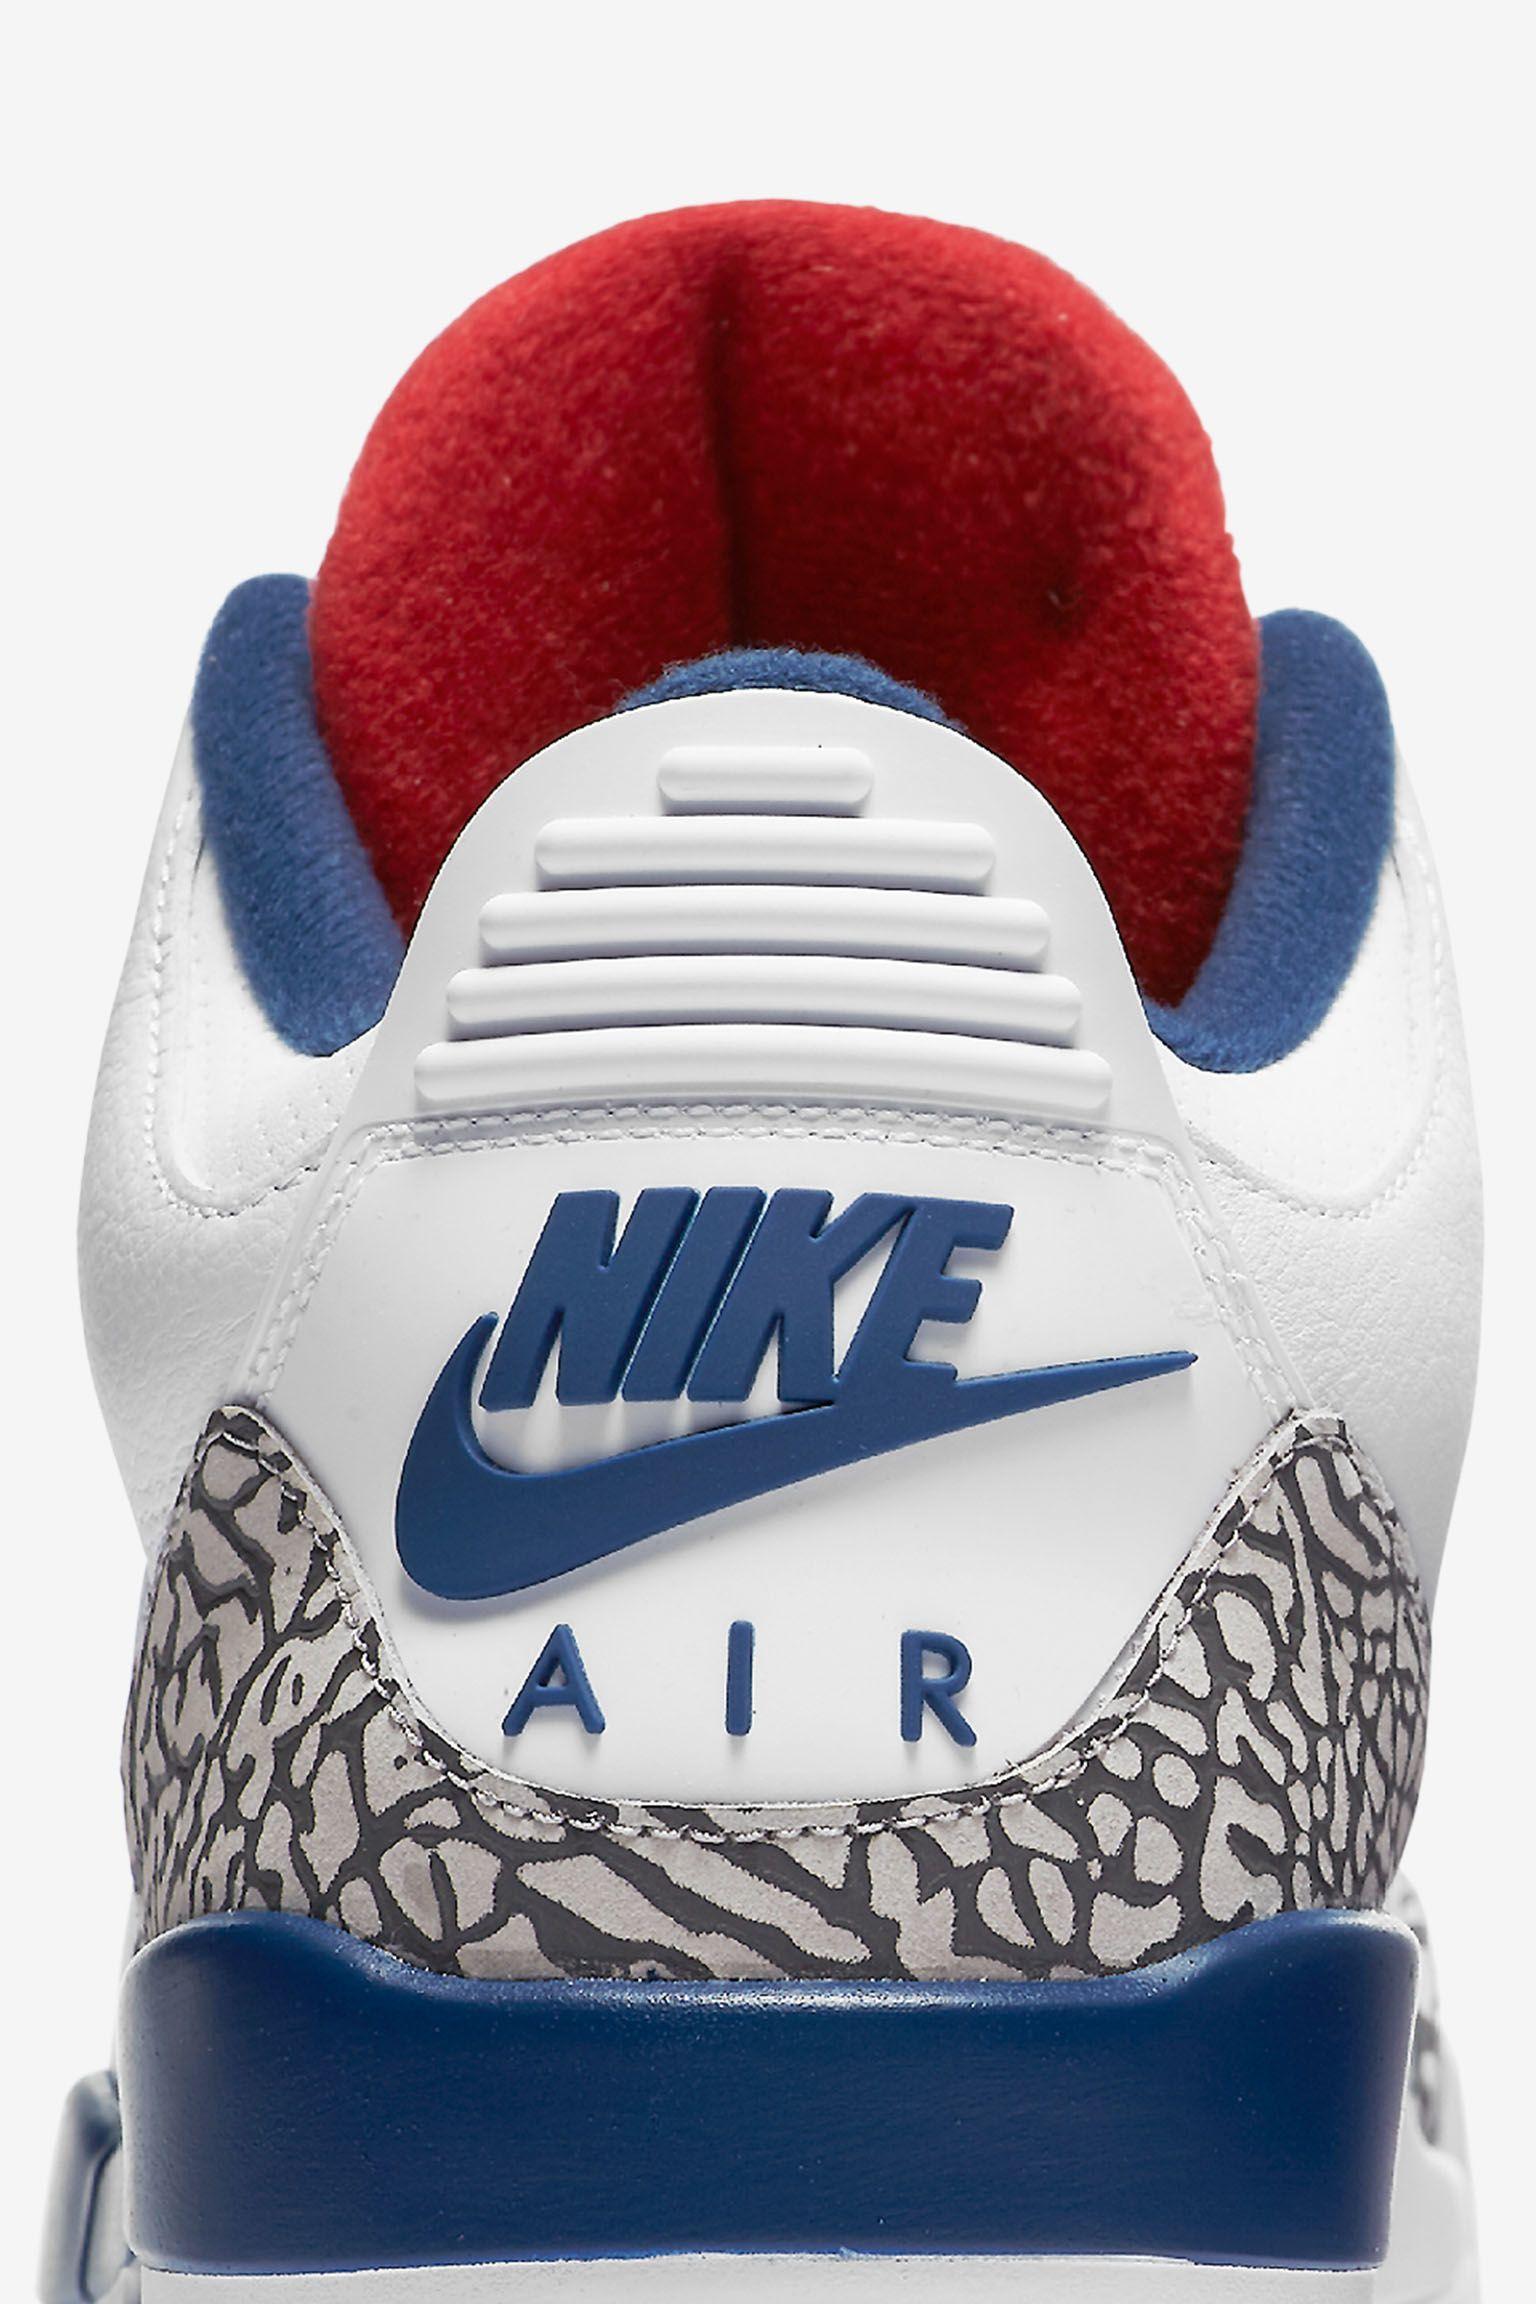 Air Jordan 3 Retro OG 'White & Cement Grey & Blue'